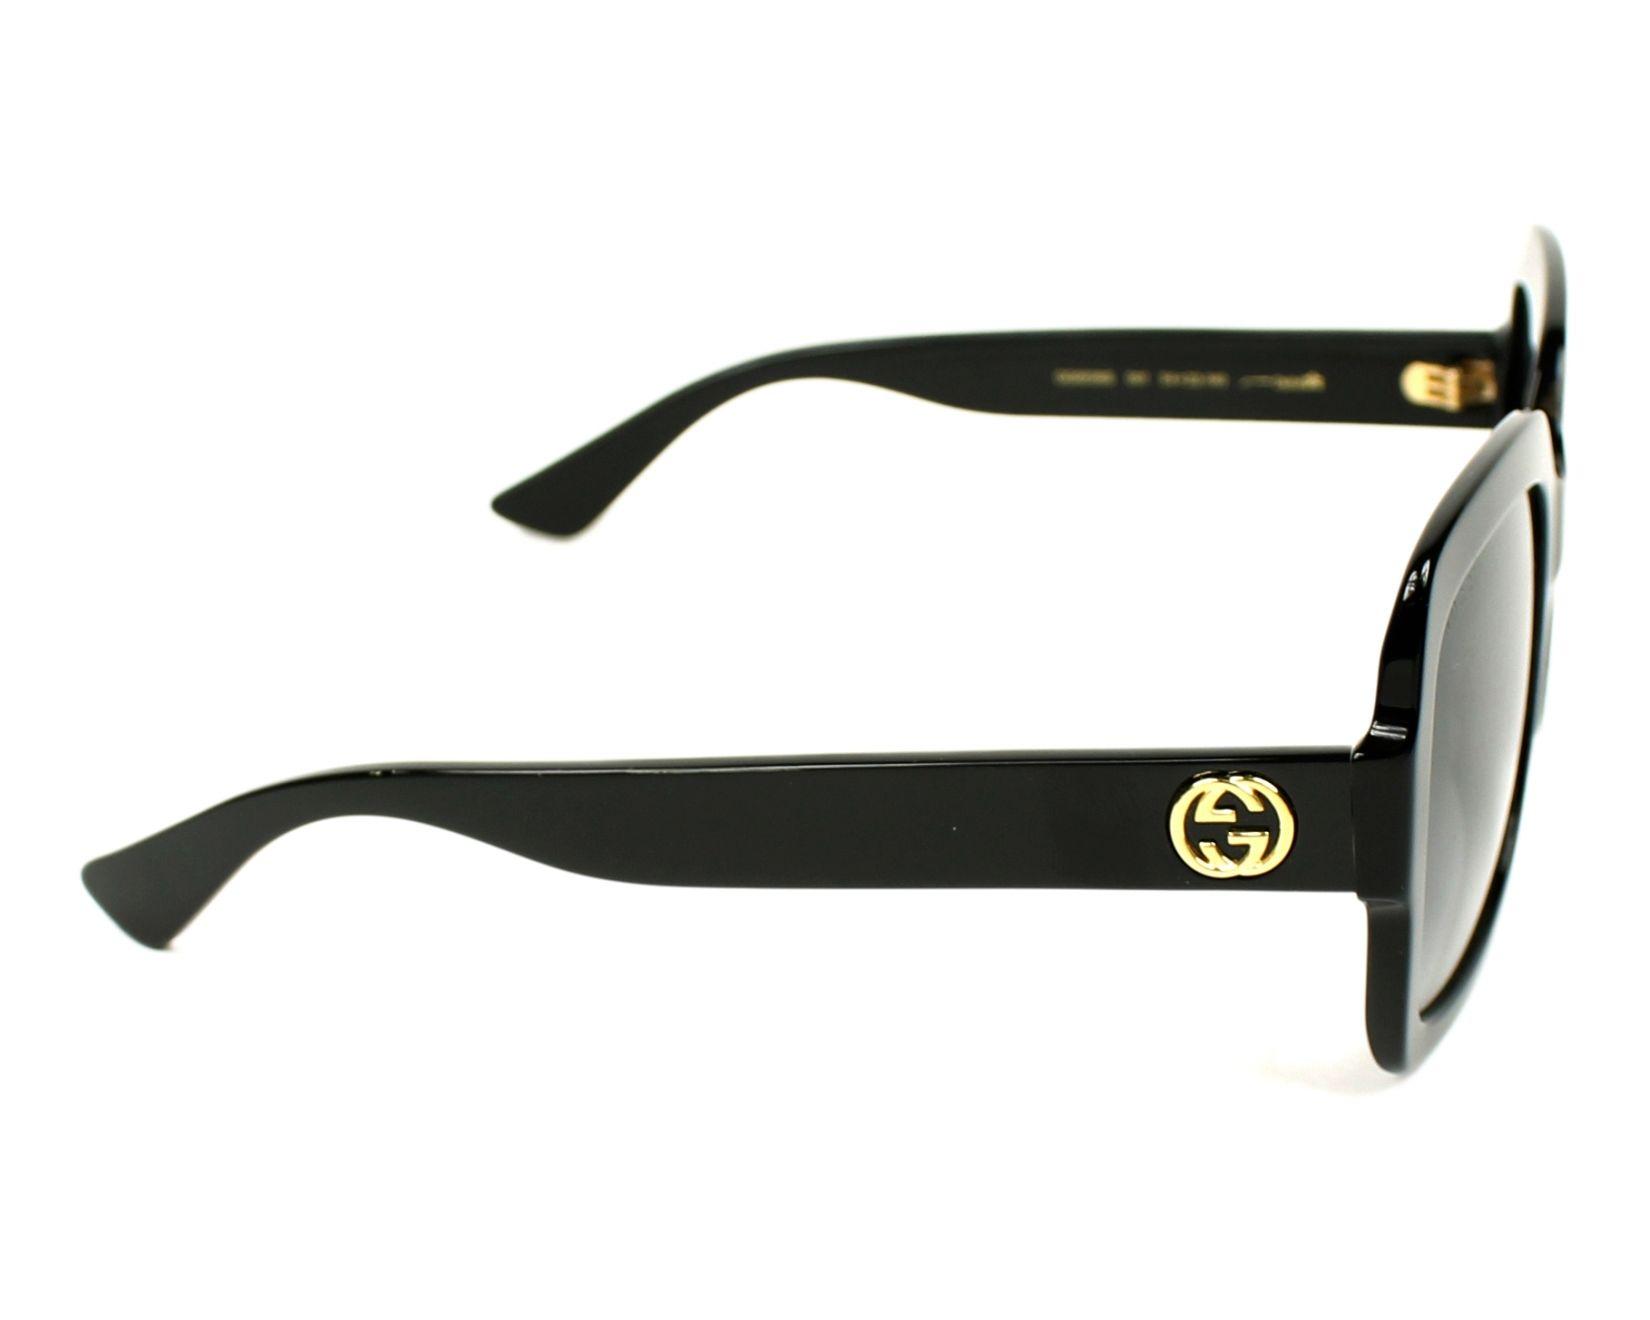 Lunettes de soleil Gucci GG-0036-S 001 54-22 Noir vue de ffaaed829df0